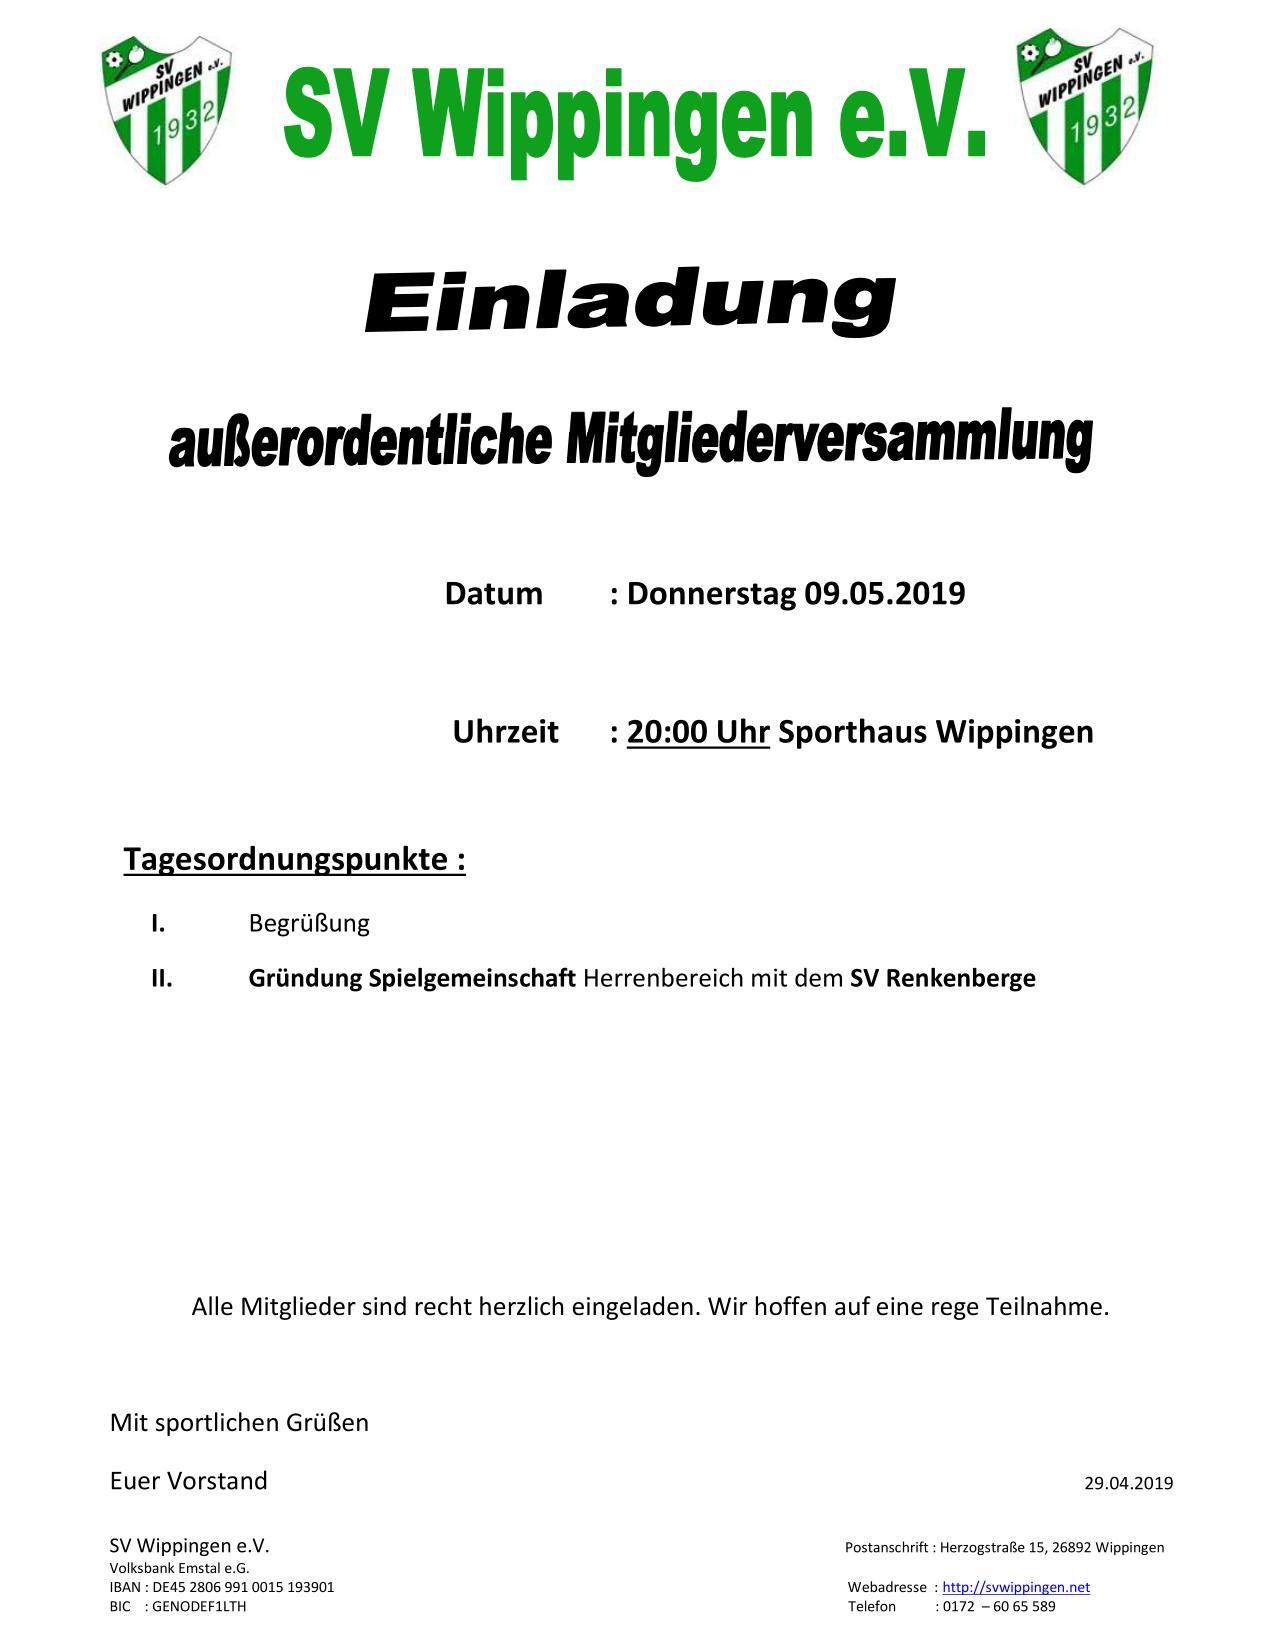 Ausserordentliche Mitgliederversammlung Des Sportvereins Hallo Wippingen